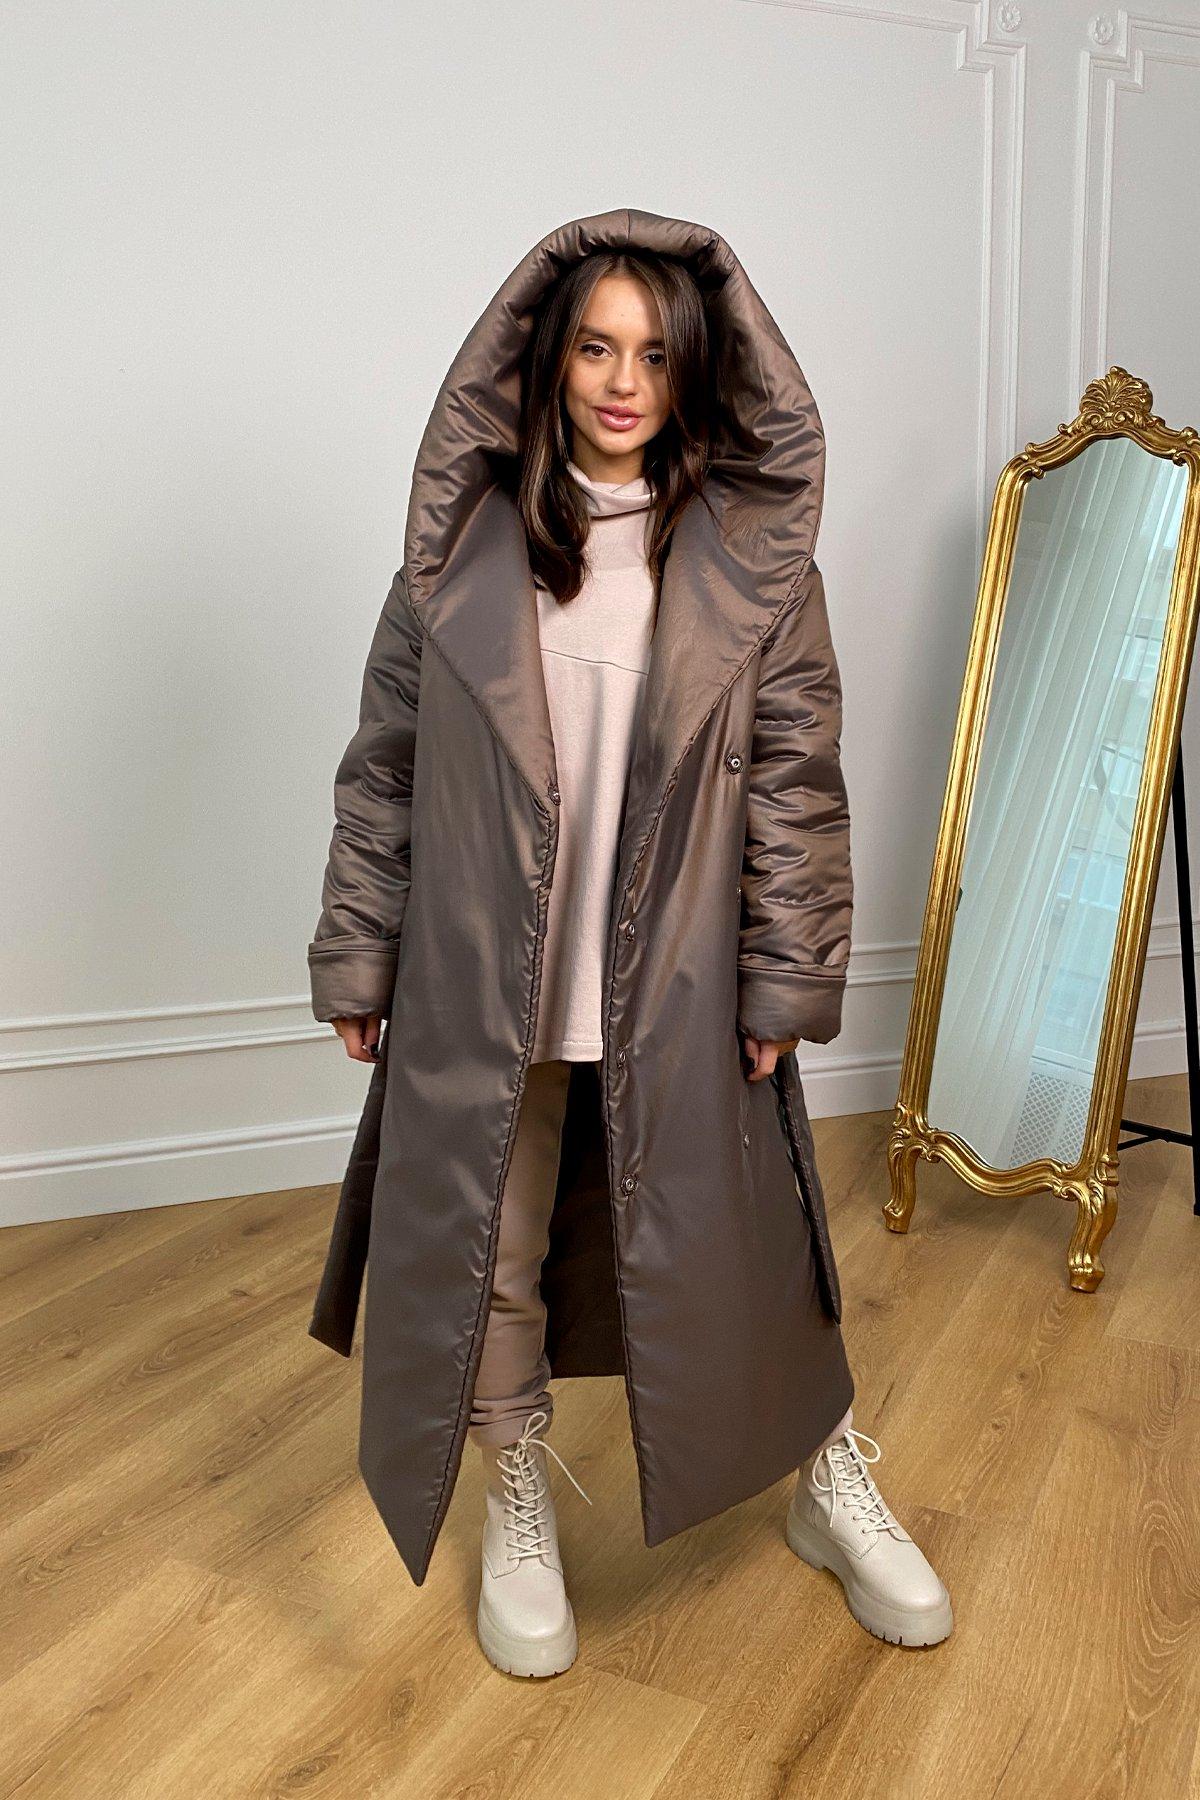 Берлин пальто зимнее из плащевой ткани, стеганое 10082 АРТ. 46395 Цвет: Шоколад/хамелеон - фото 1, интернет магазин tm-modus.ru